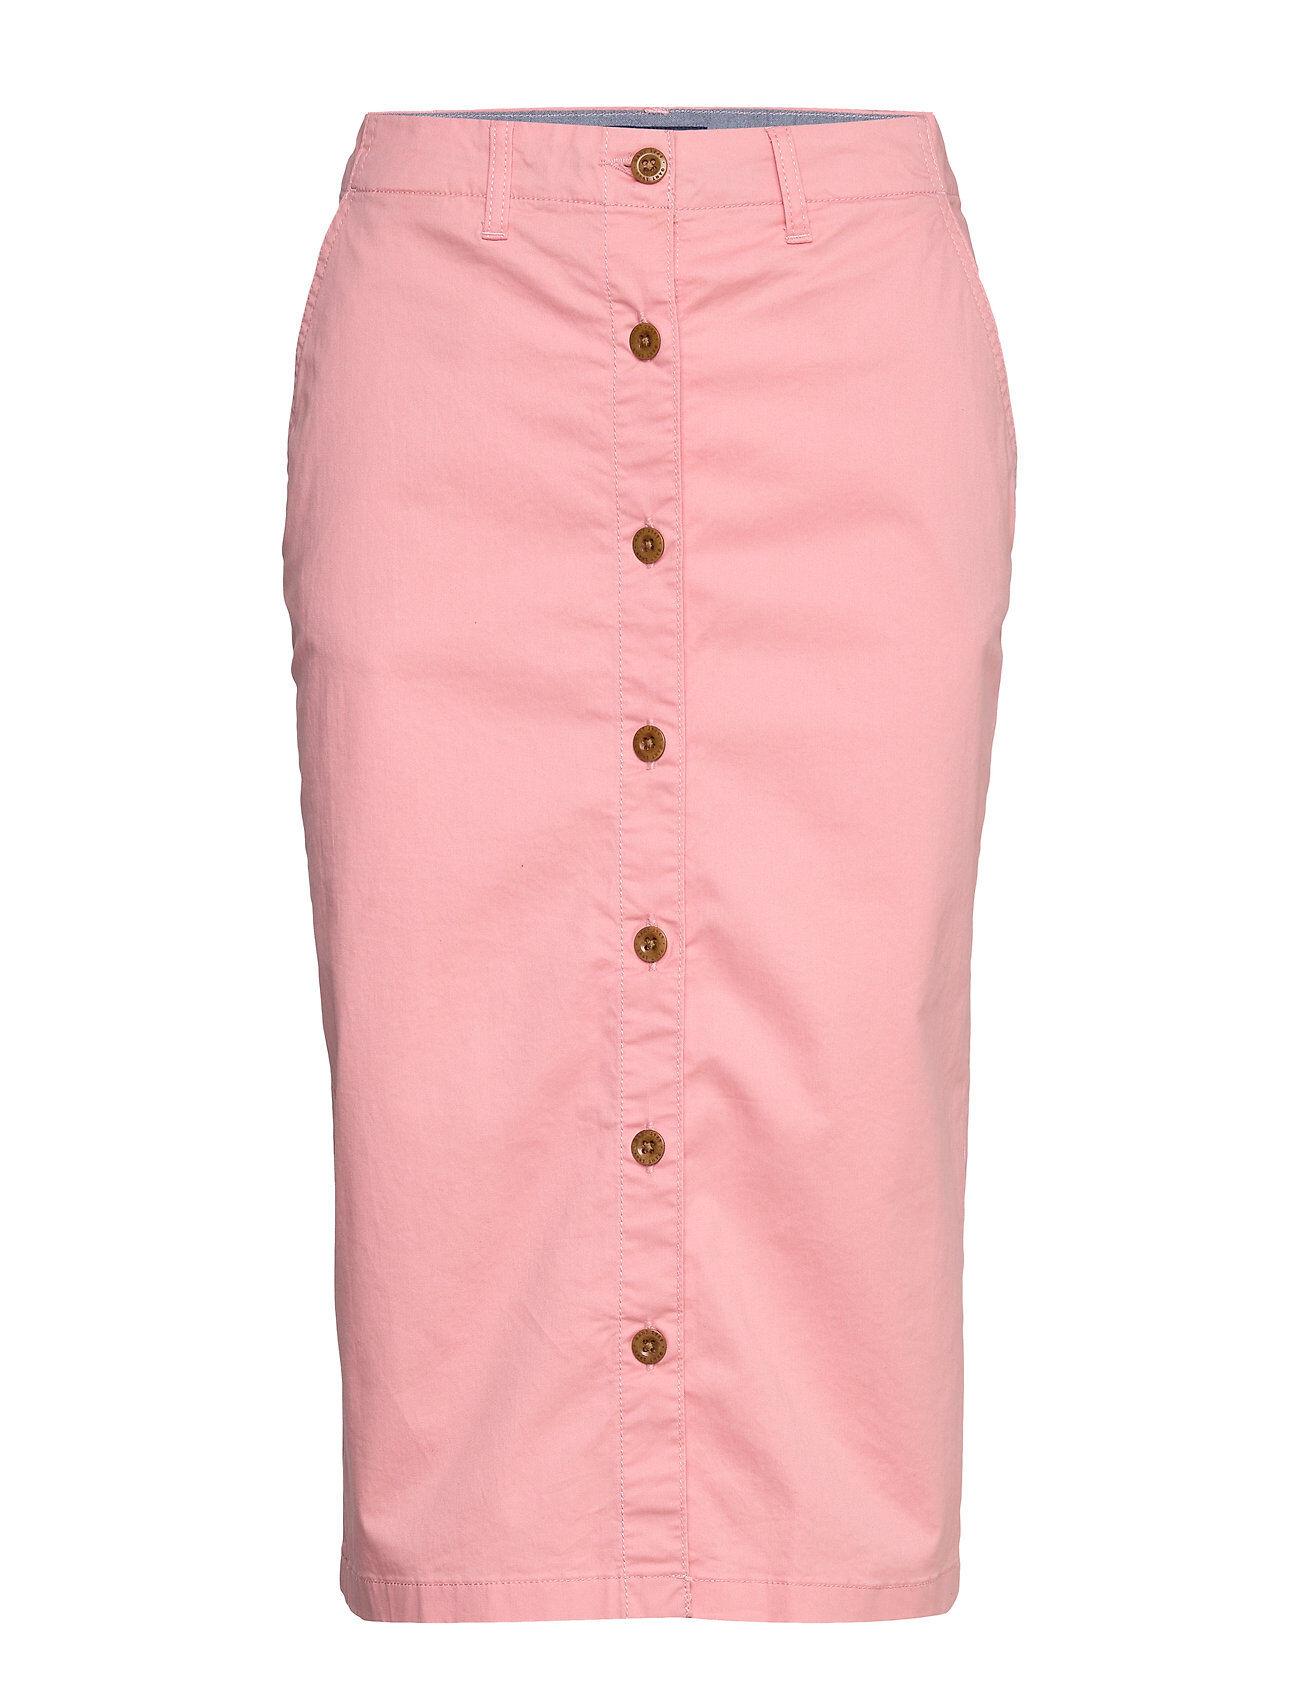 GANT D1. Hw Chino Skirt Polvipituinen Hame Vaaleanpunainen GANT